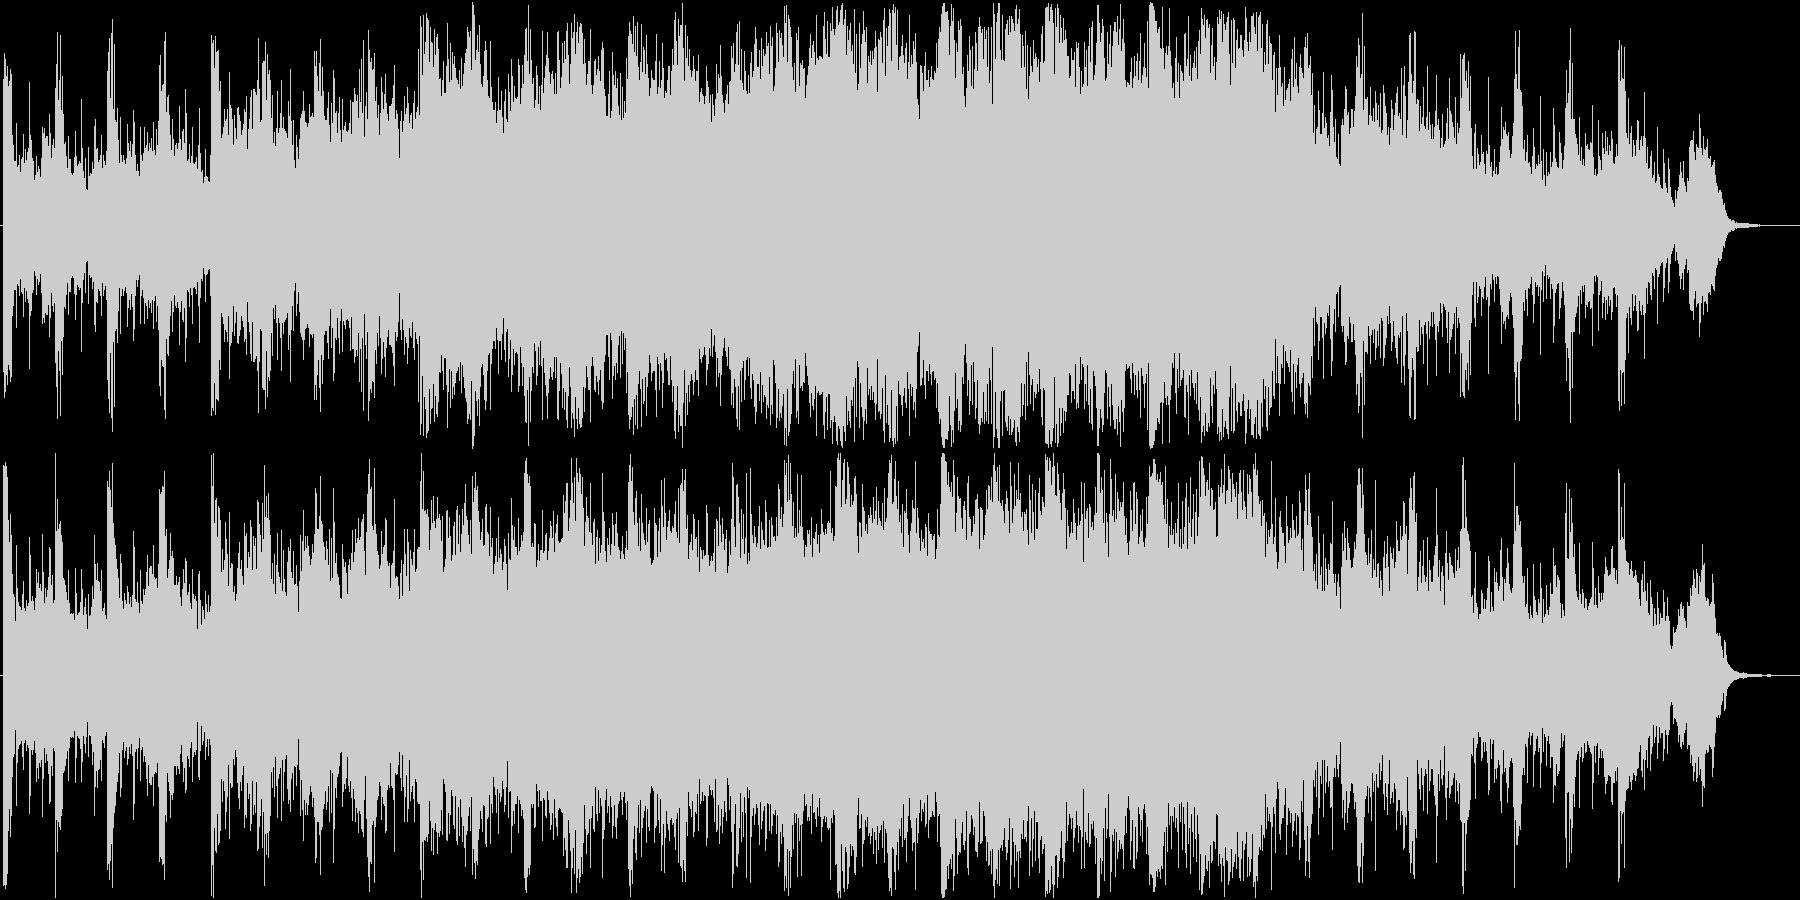 神秘的かつ壮大な音楽の未再生の波形